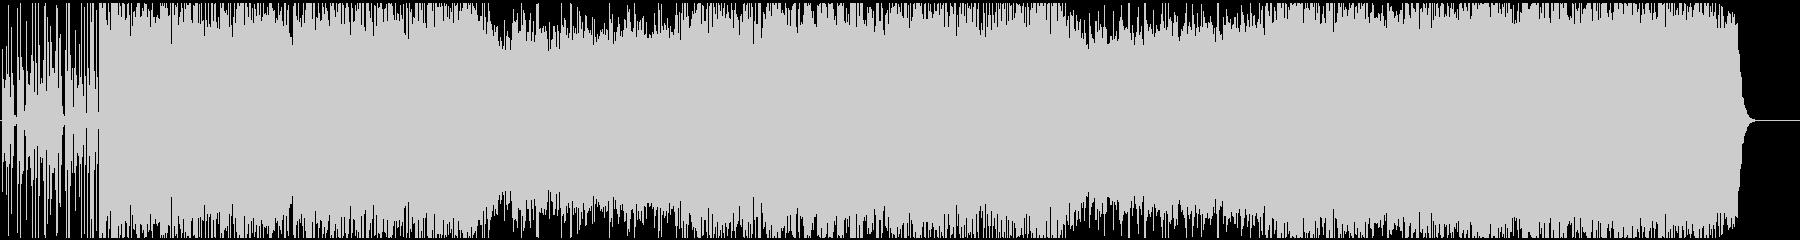 明るく前向きなオルガン・シンセの未再生の波形